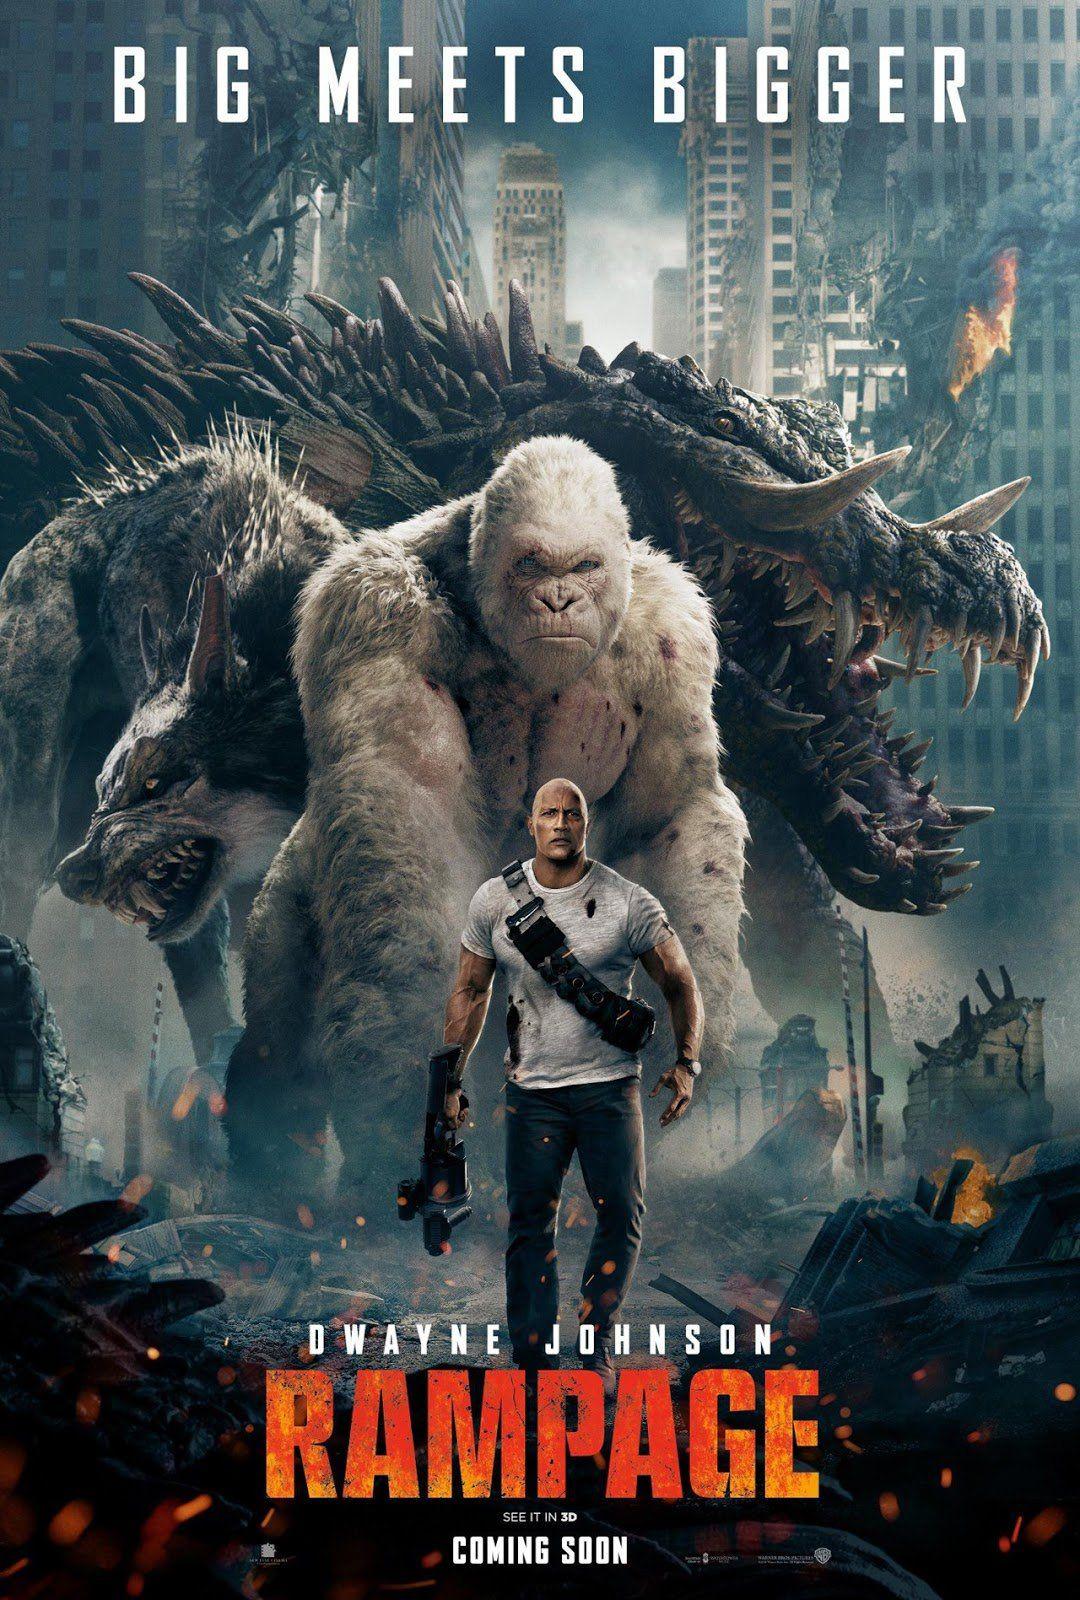 ดูหนัง Rampage แรมเพจ ใหญ่ชนยักษ์ เต็มเรื่อง หนังเรื่องนี้สร้างเมื่อปี 2018  ดูหนังออนไลน์ ดูหนังHD ดูหนังฟรี หน… | หนังแอ็คชั่น, หนังแฟนตาซี, ภาพยนตร์  ดนตรี หนังสือ